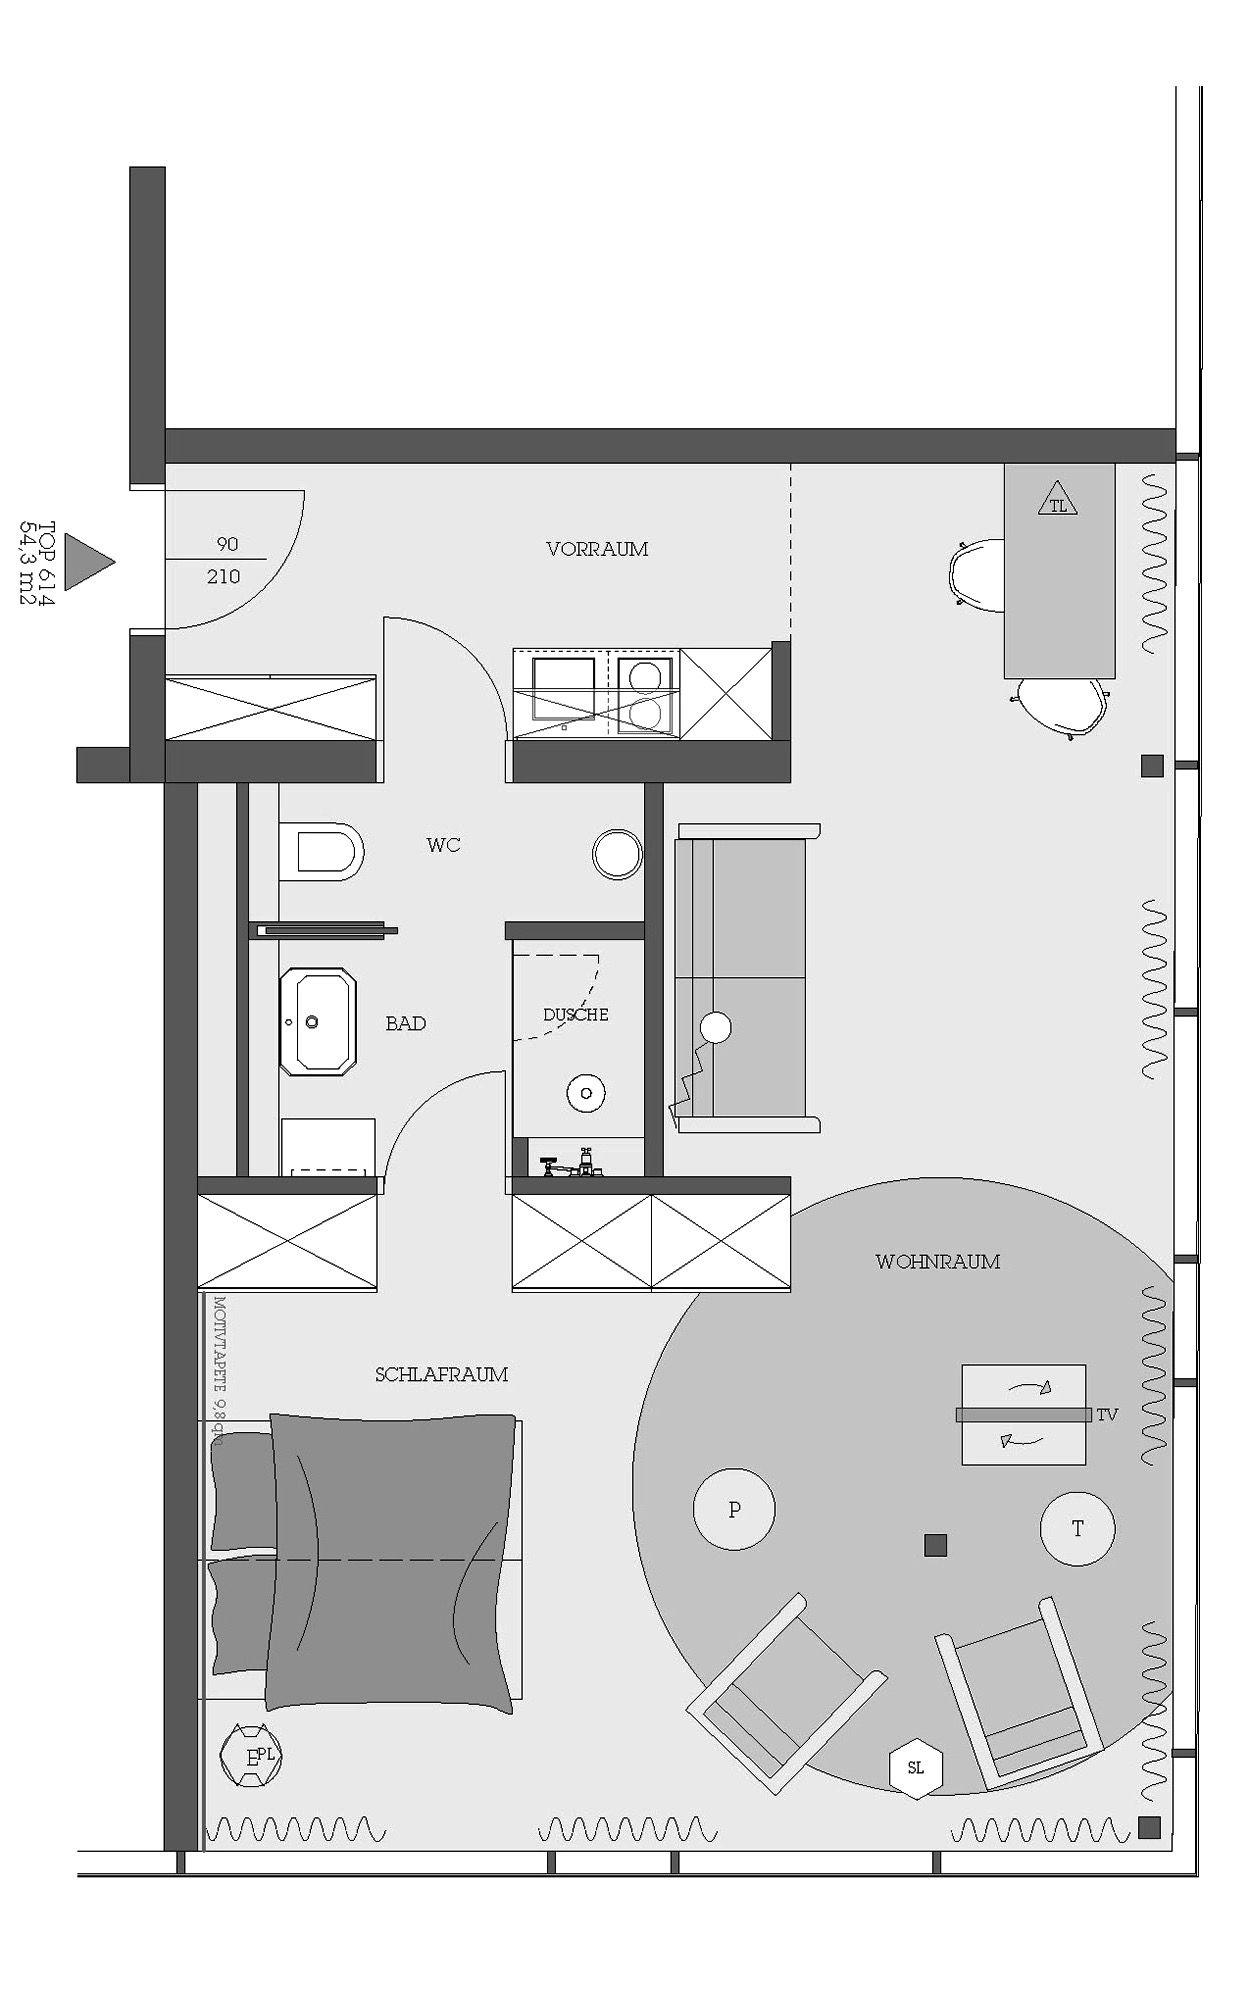 25hours hotel vienna residential in 2019 wohnungsbau for Hotel badezimmer grundriss